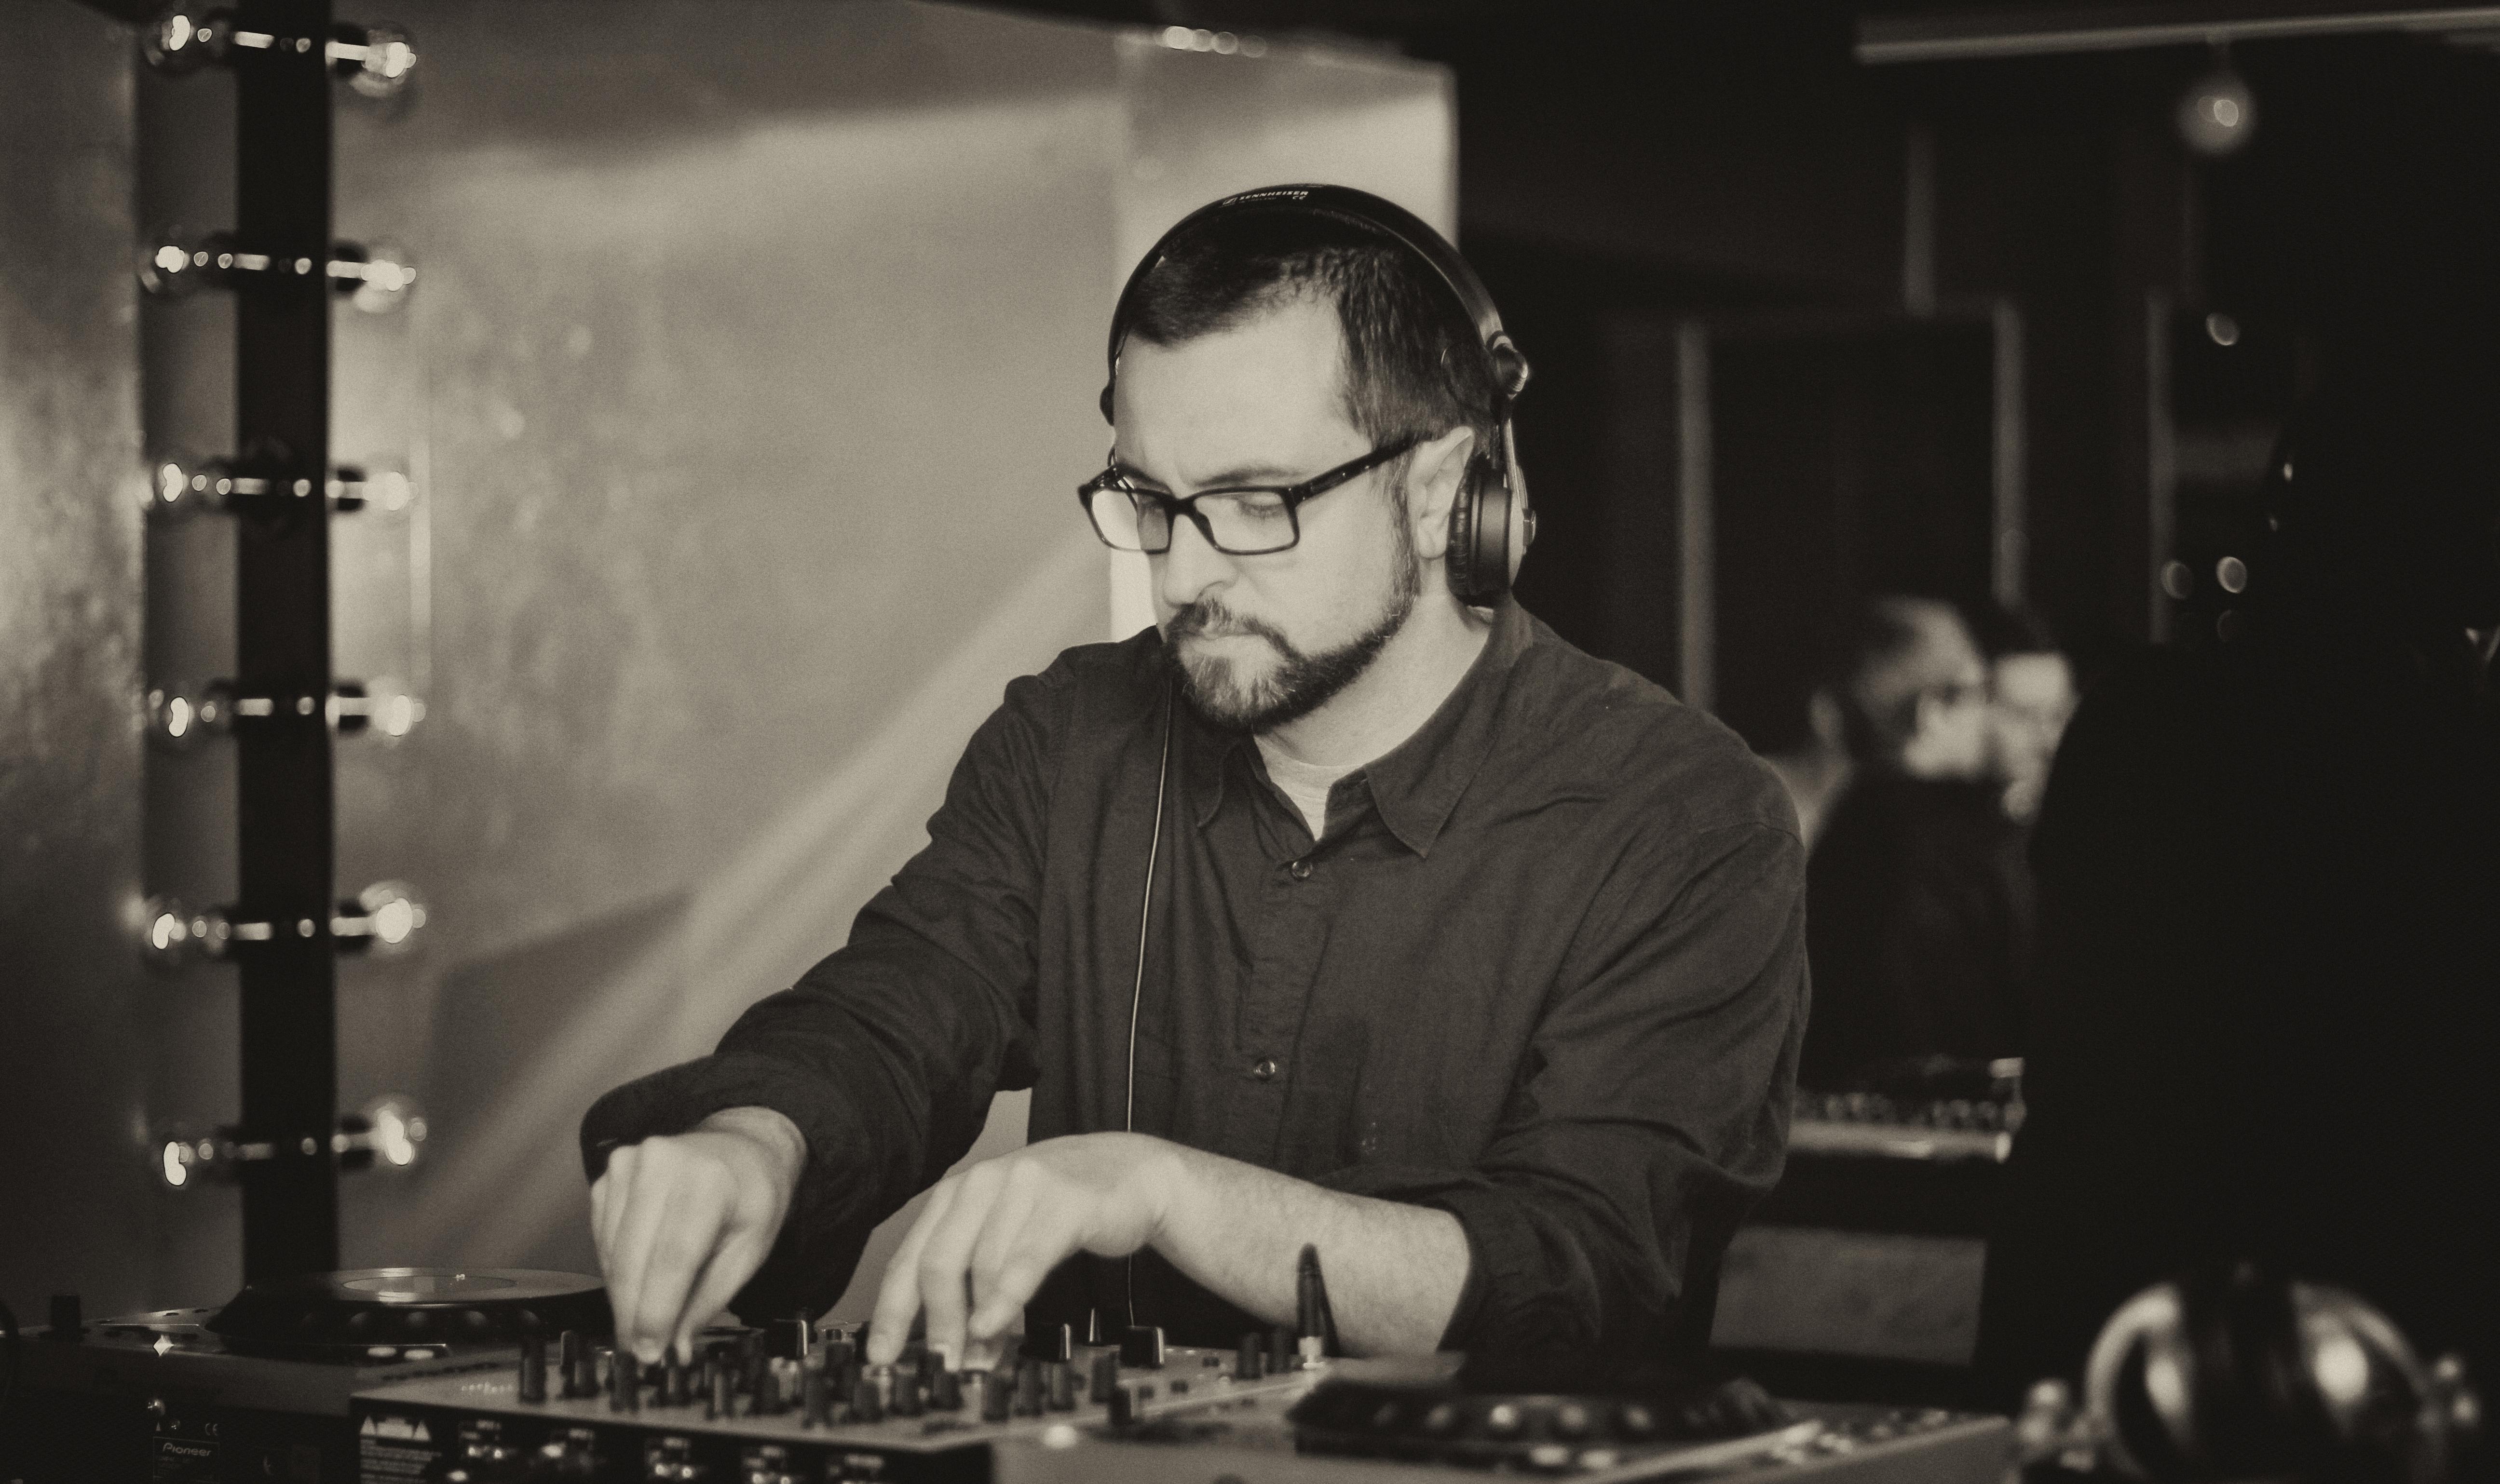 Photo 4 : (DR Samuel Rouanet) Samuel Rouanet, alias Reynold (ici en photo à Saint-Pétersbourg, août 2013), est né en 1972. Fils d'un pianiste de jazz, après des études au conservatoire de Toulouse, il est guitariste dans plusieurs formations post-rock (notamment à Chicago où il a vécu quelques temps), avant de devenir DJ et producteur de musiques électroniques. Il vit et travaille désormais à Berlin, où il a fondé le label de musique electro minimale Trenton.